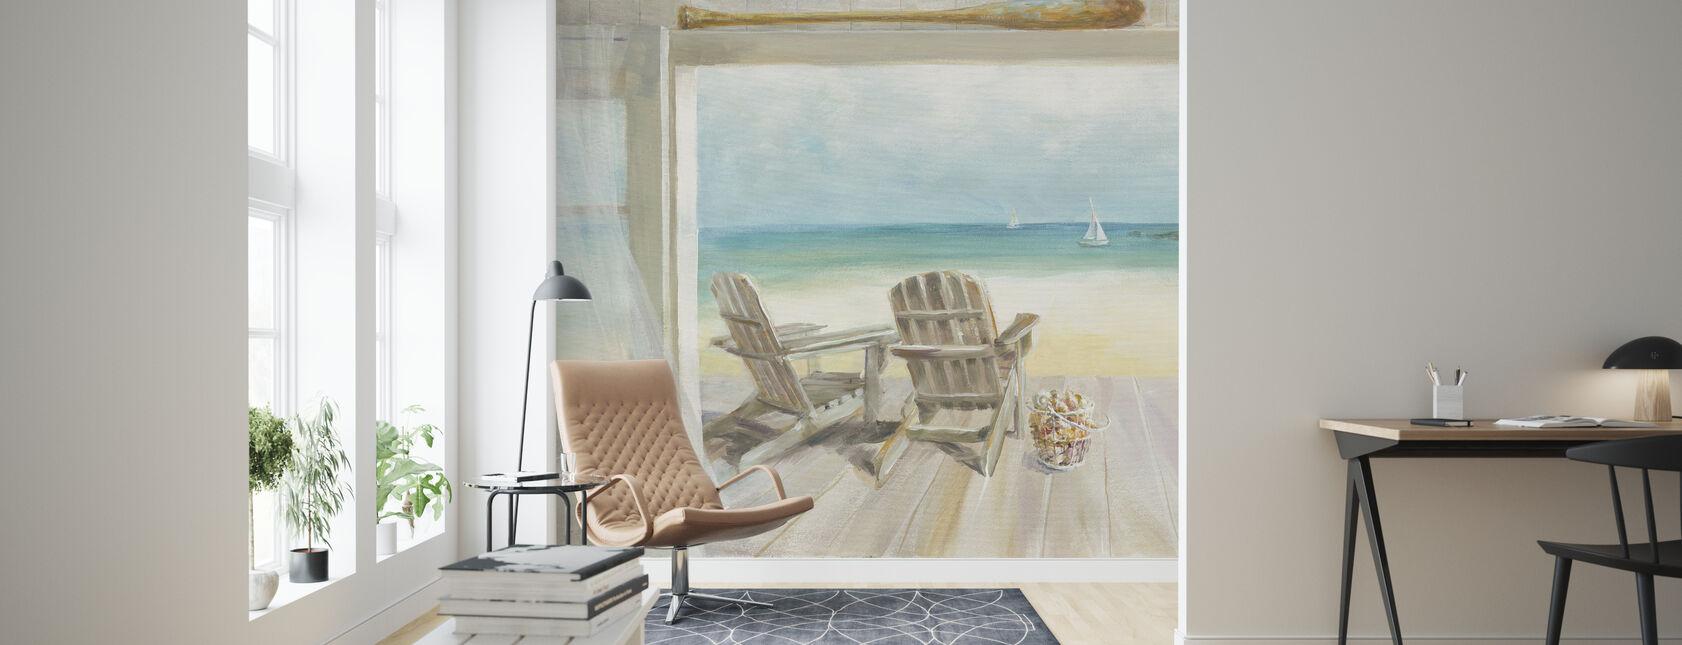 Seaside Morning - Wallpaper - Living Room